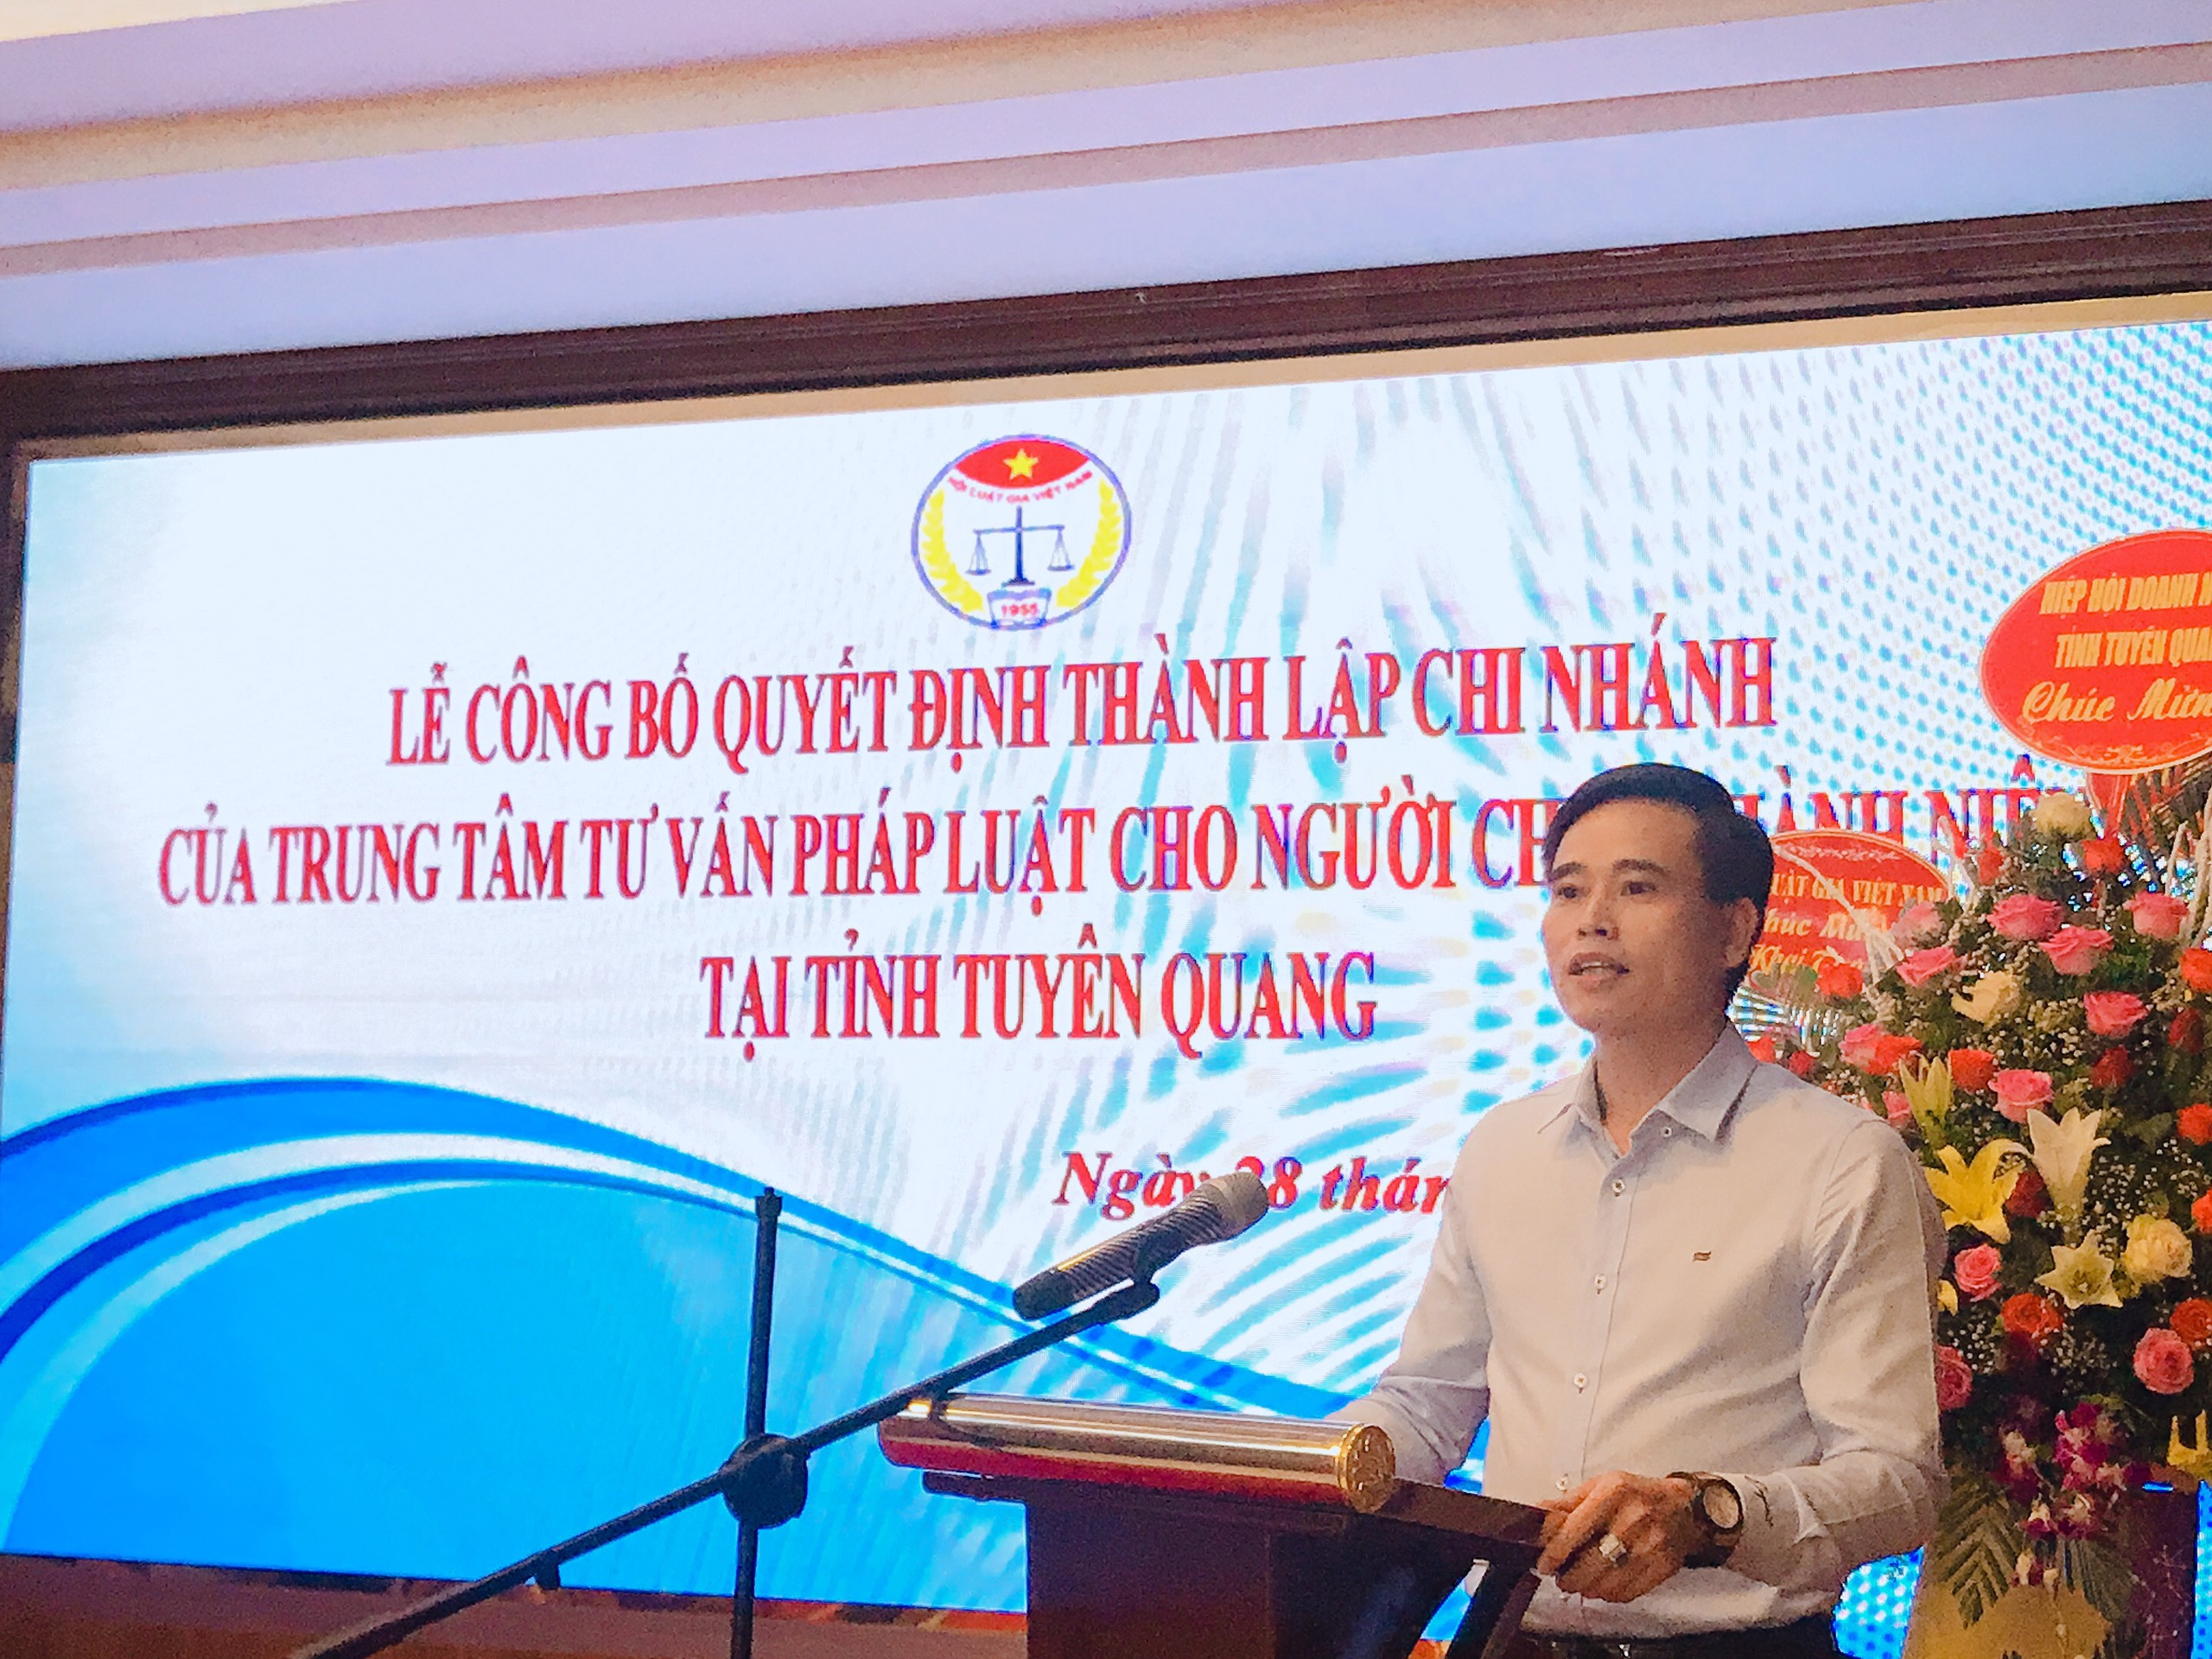 Lễ Công bố quyết định thành lập Chi nhánh Trung tâm Tư vấn pháp luật cho người chưa thành niên tại tỉnh Tuyên Quang